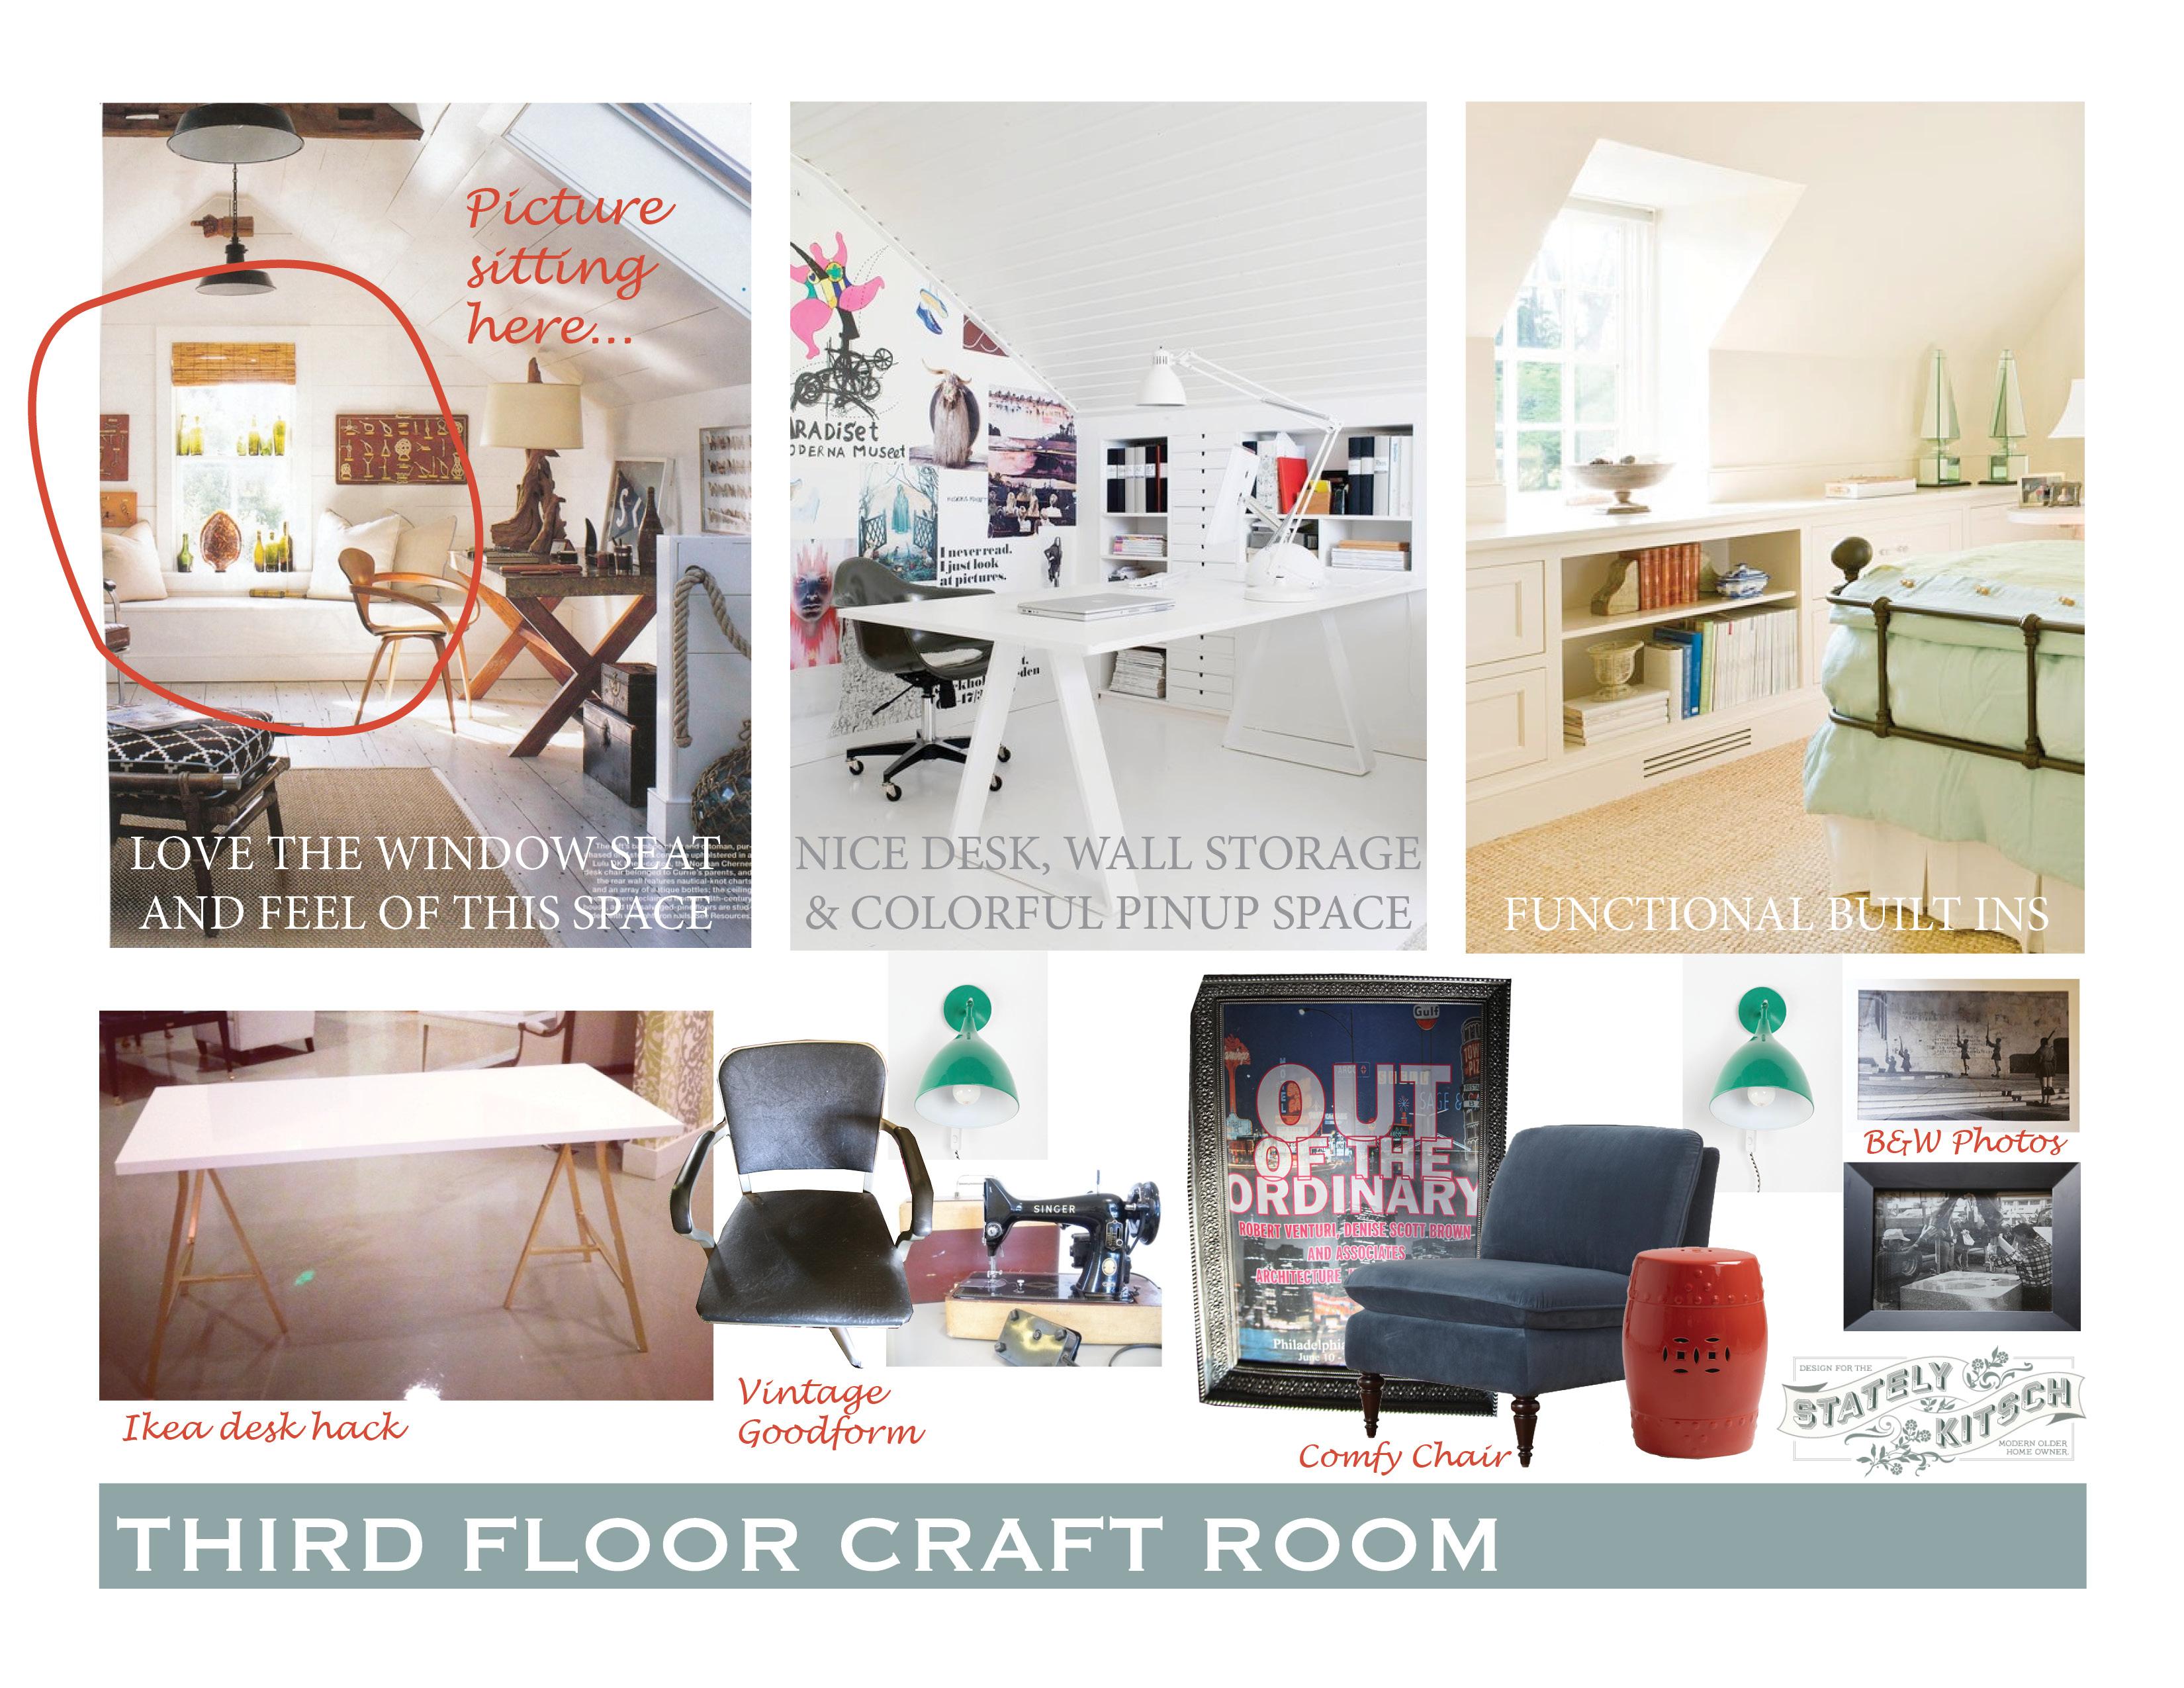 Third Floor | Stately Kitsch